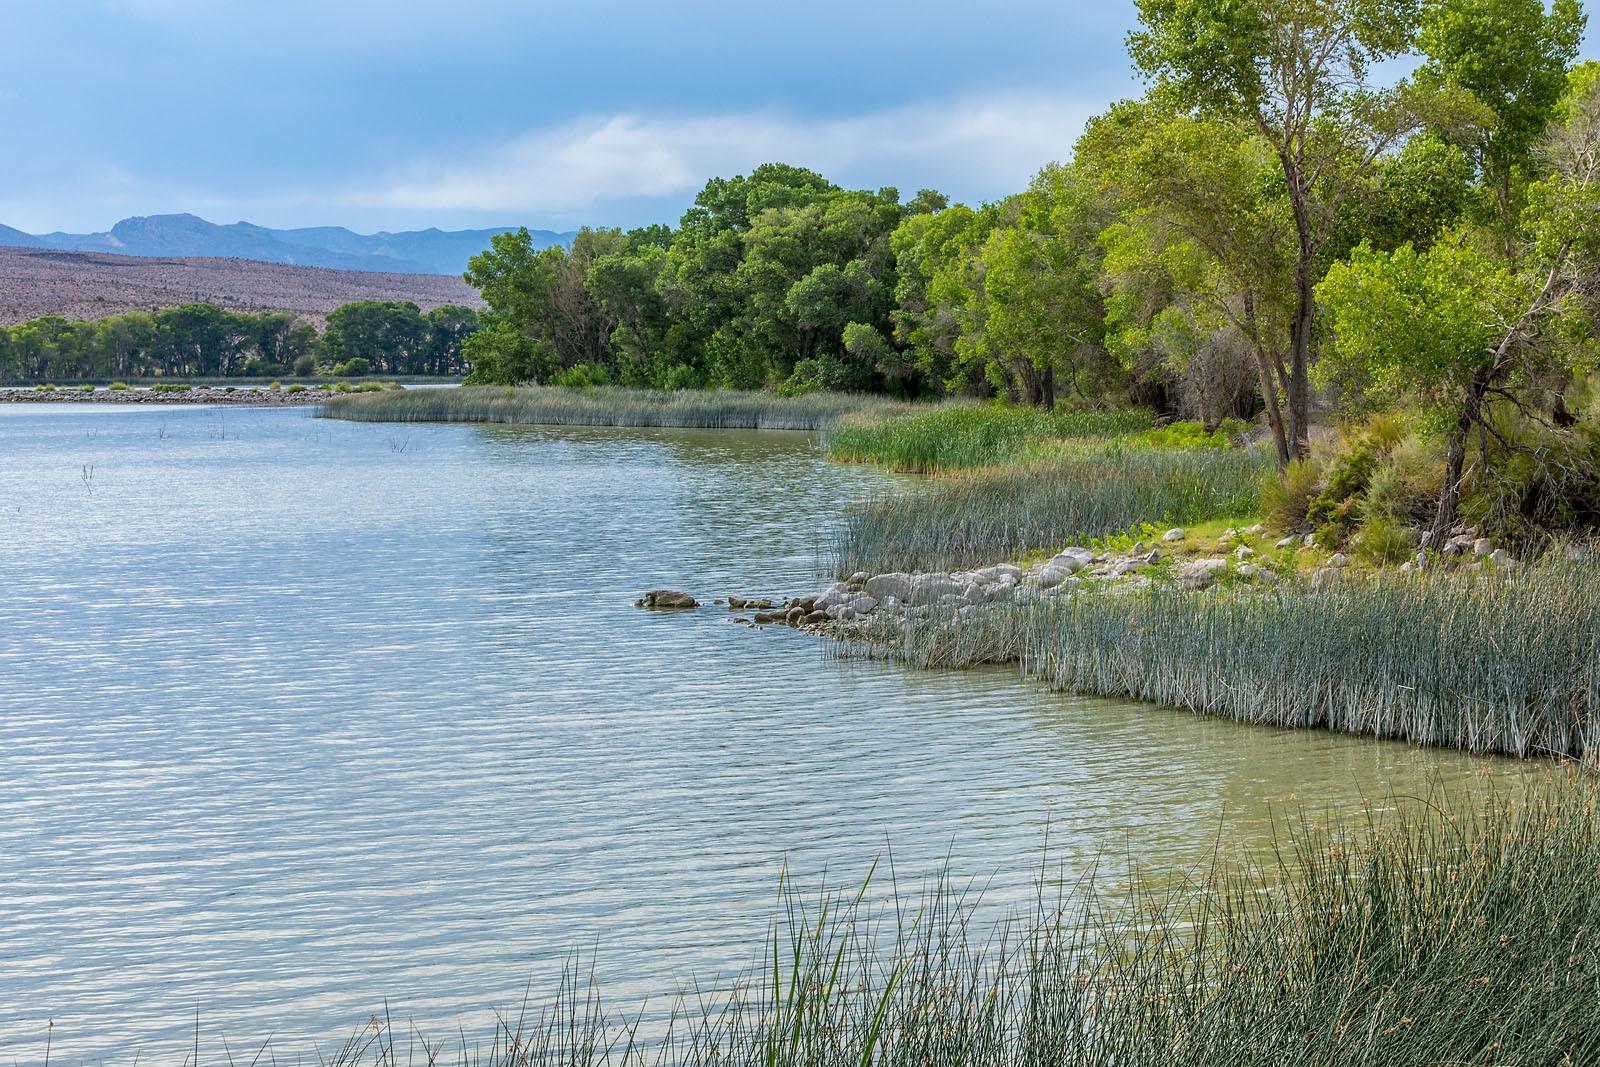 BSFAimages Scenic Landscape Vistas IMG_0705_v_